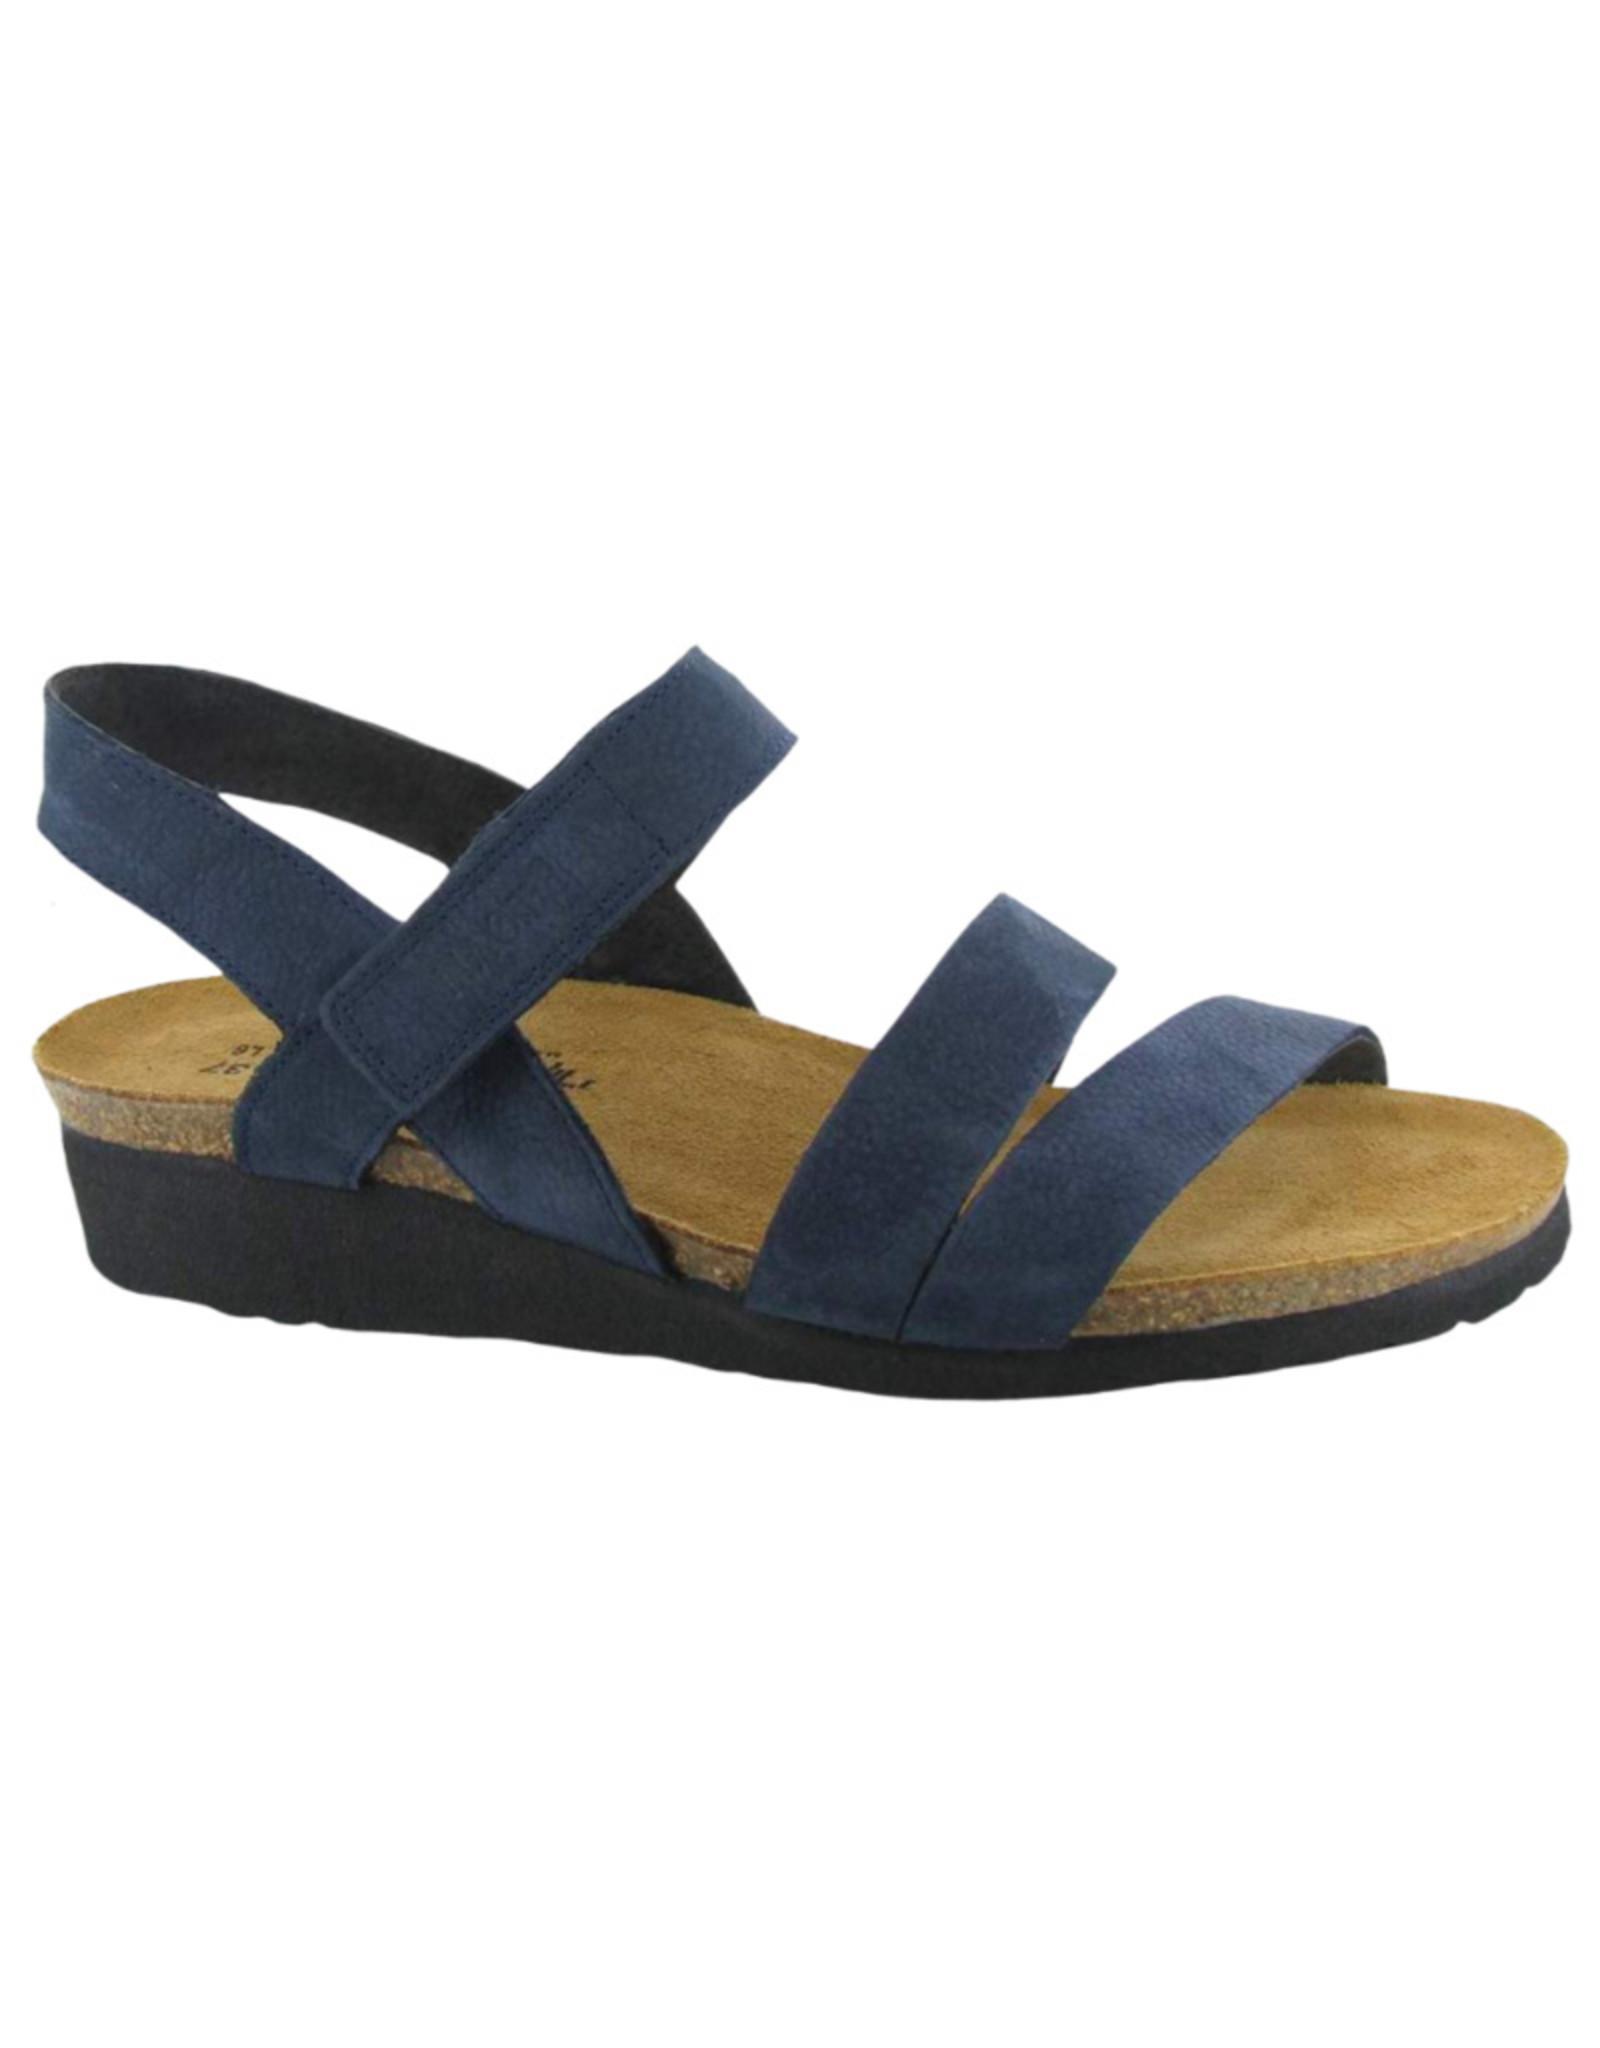 Naot Footwear Naot Kayla Wide Sandal